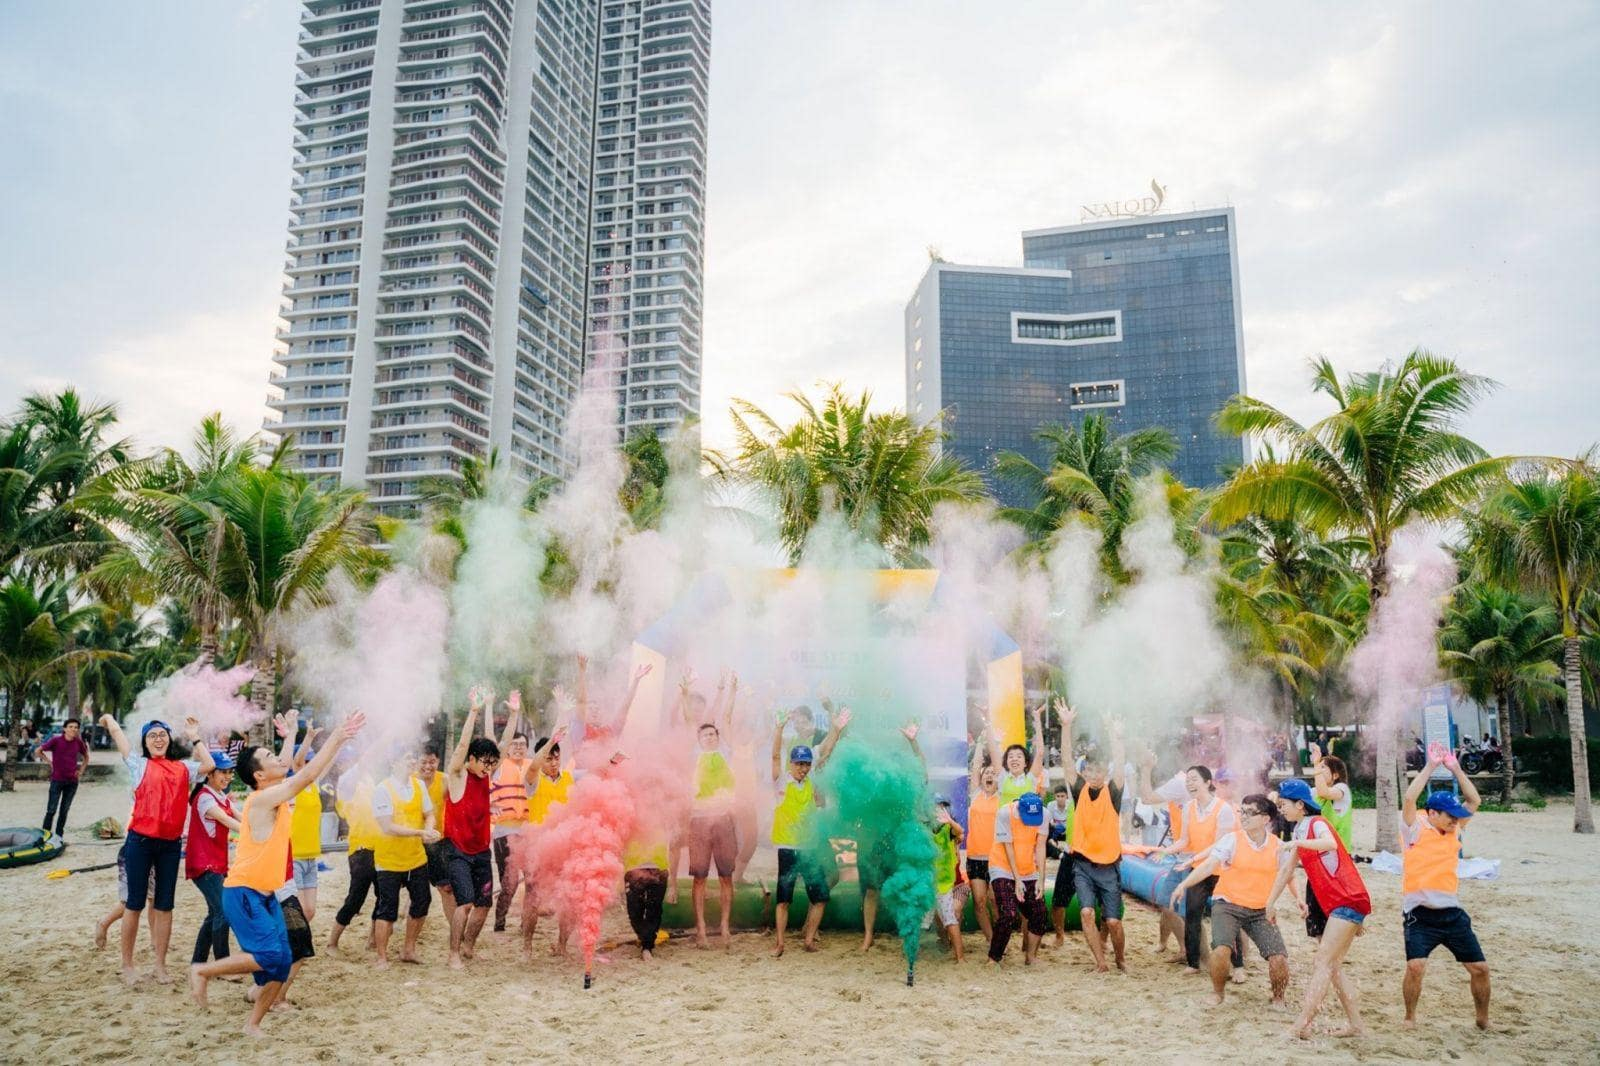 Tổ chức team building cho doanh nghiệp với không gian chương tình rực rỡ sắc màu gắn kết